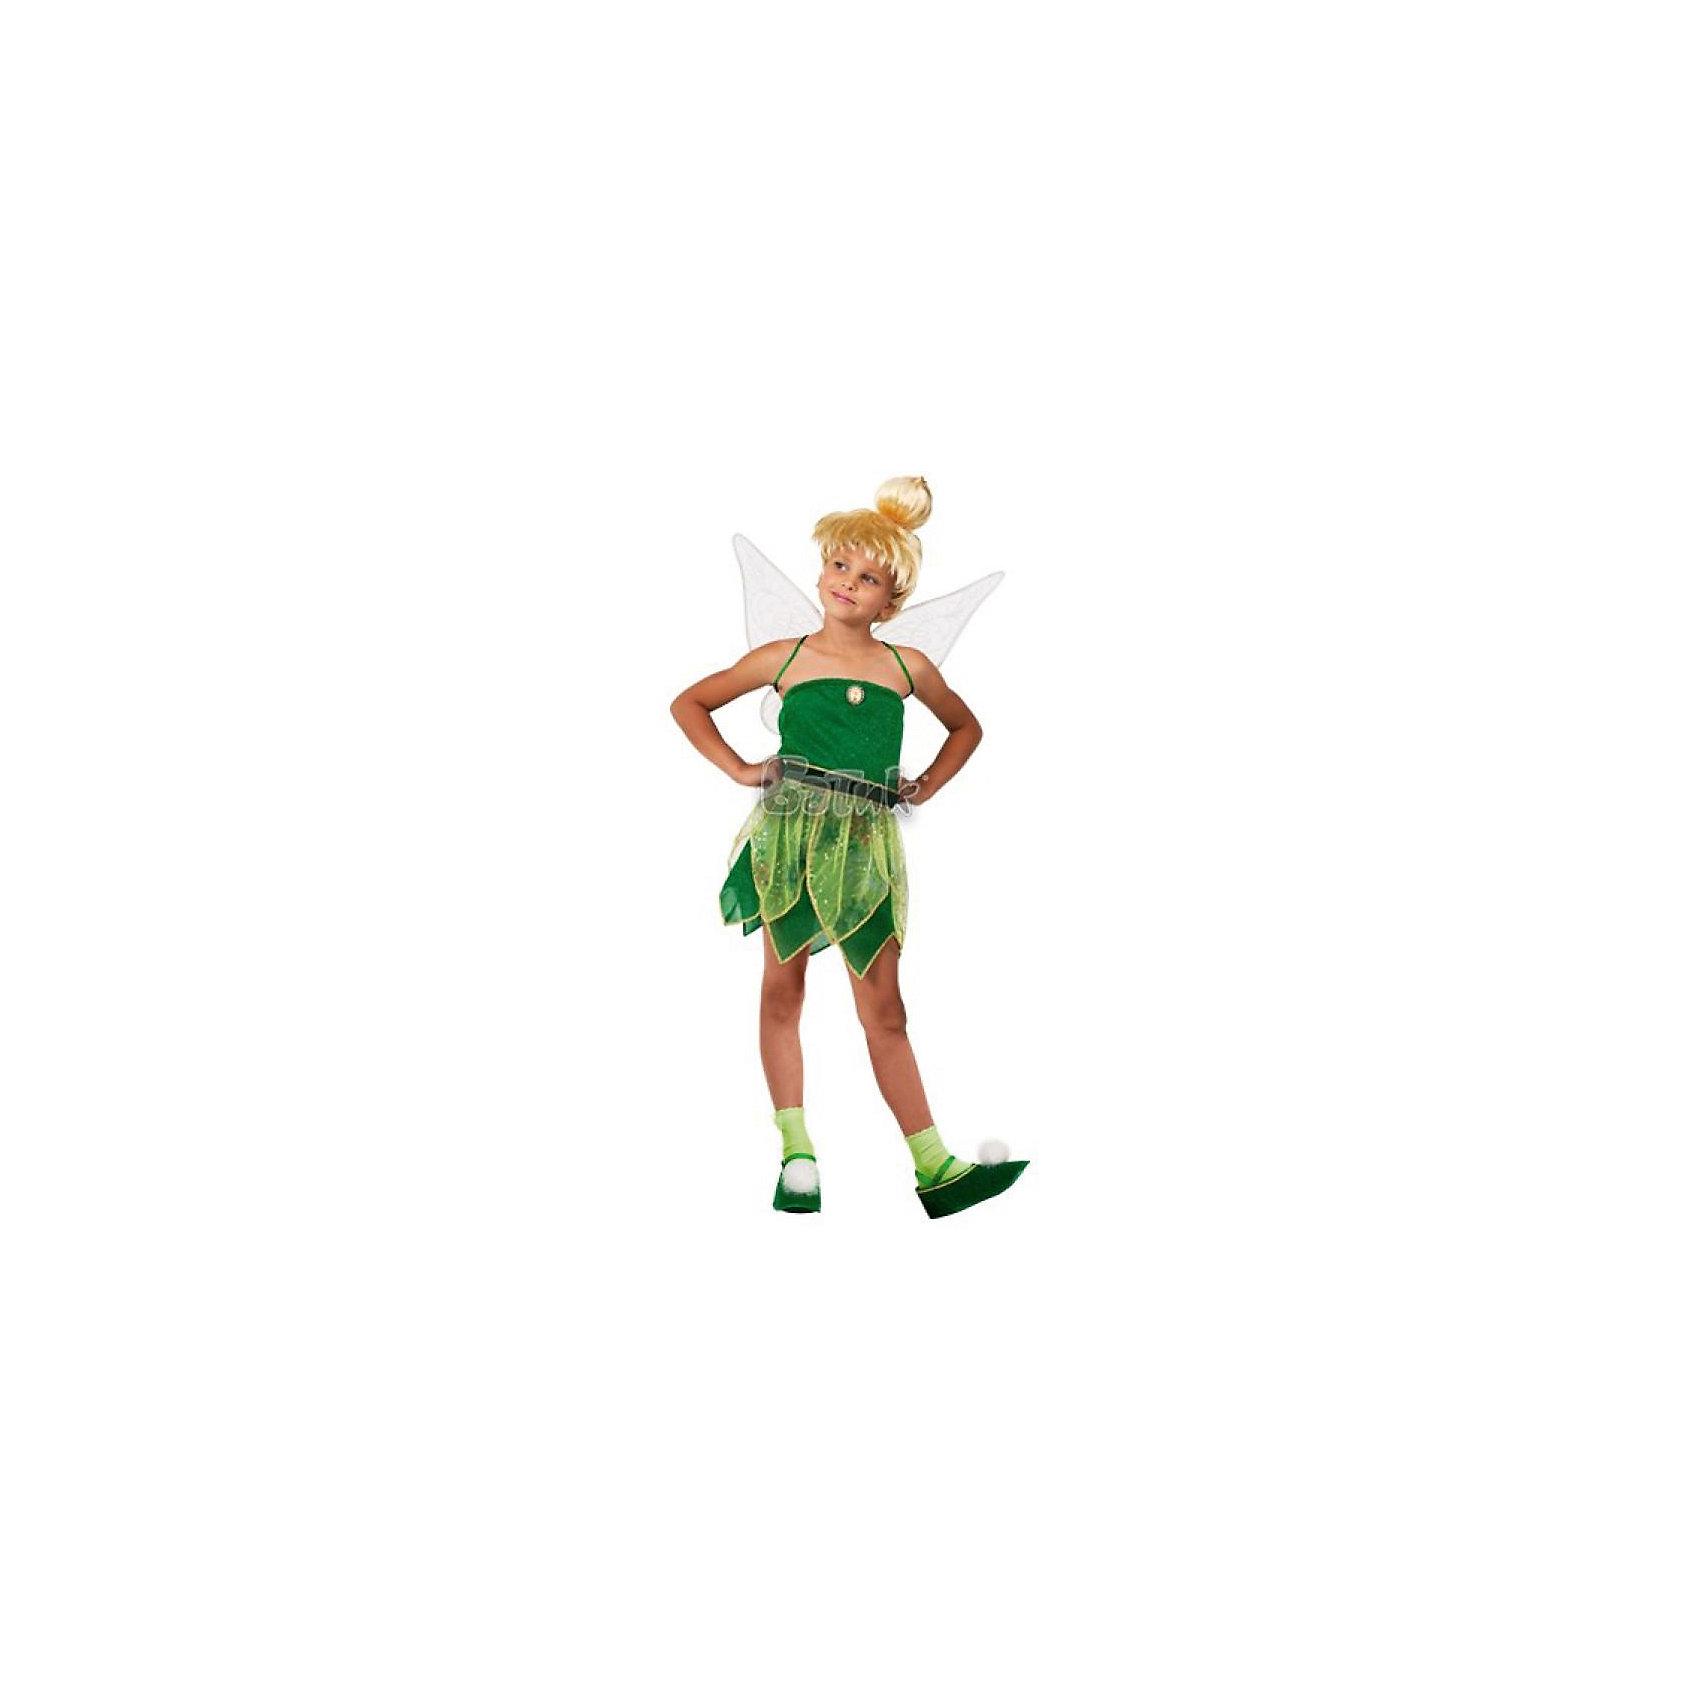 Батик Карнавальный костюм Фея Динь-Динь, Батик костюм феи динь динь зеленый 46 48